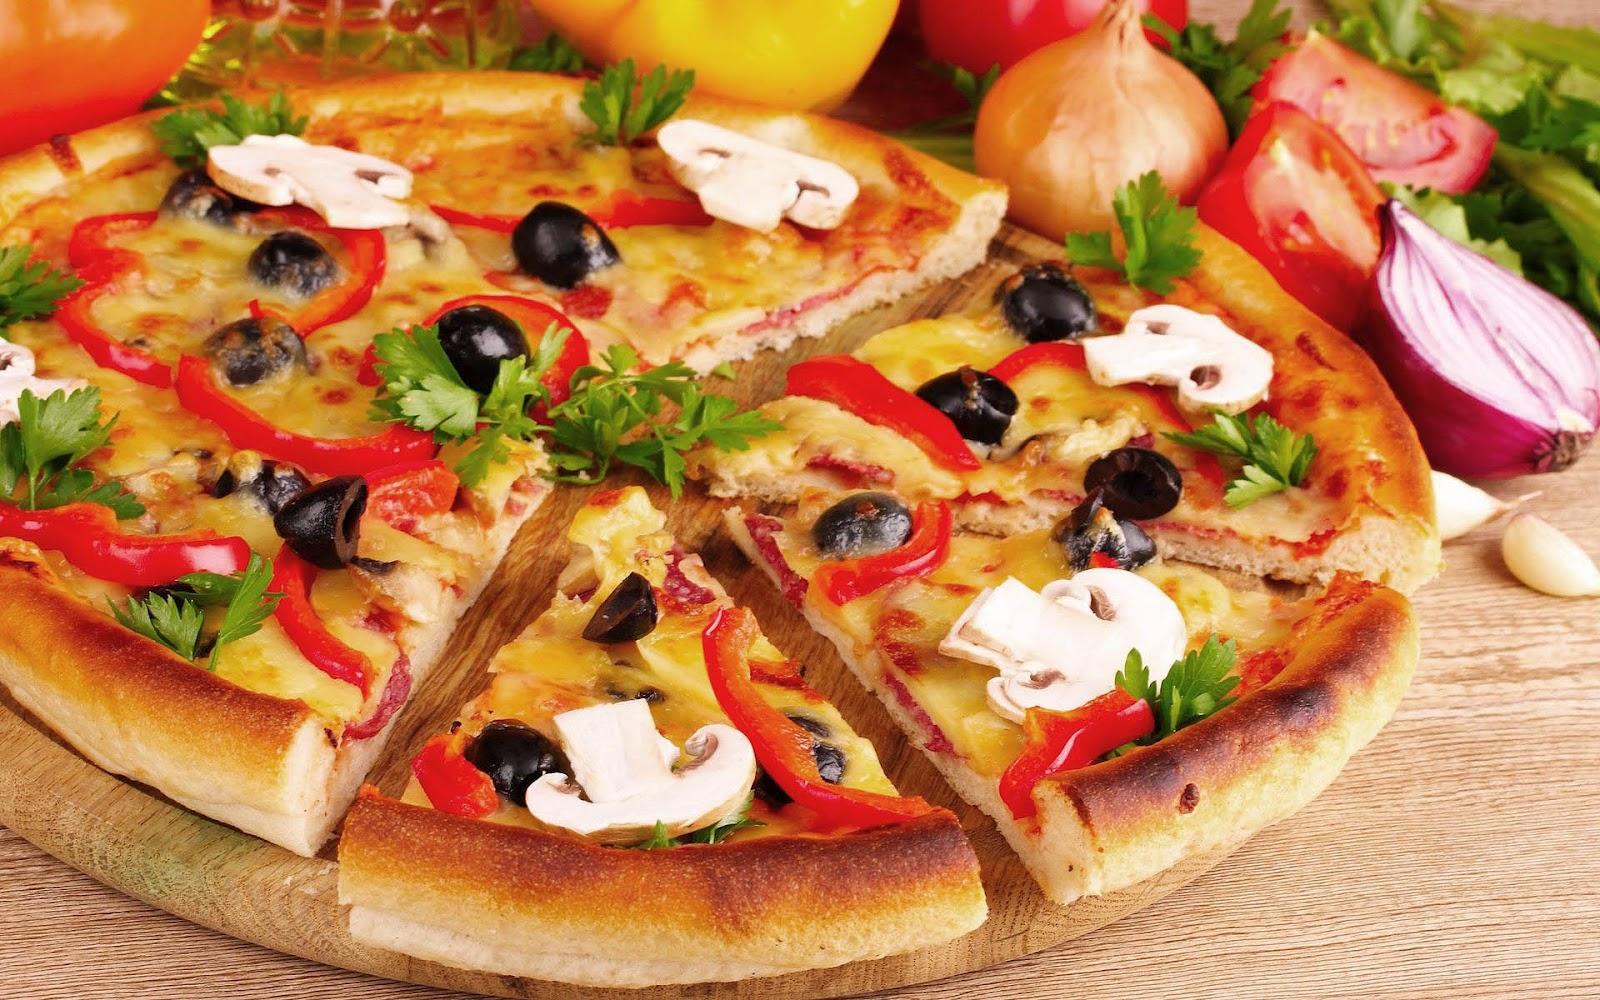 РЕБАЛАНС ПРЕД ПРАТЕНИЦИ  Дали македонскиот пица буџет ќе ги угаси апетитите